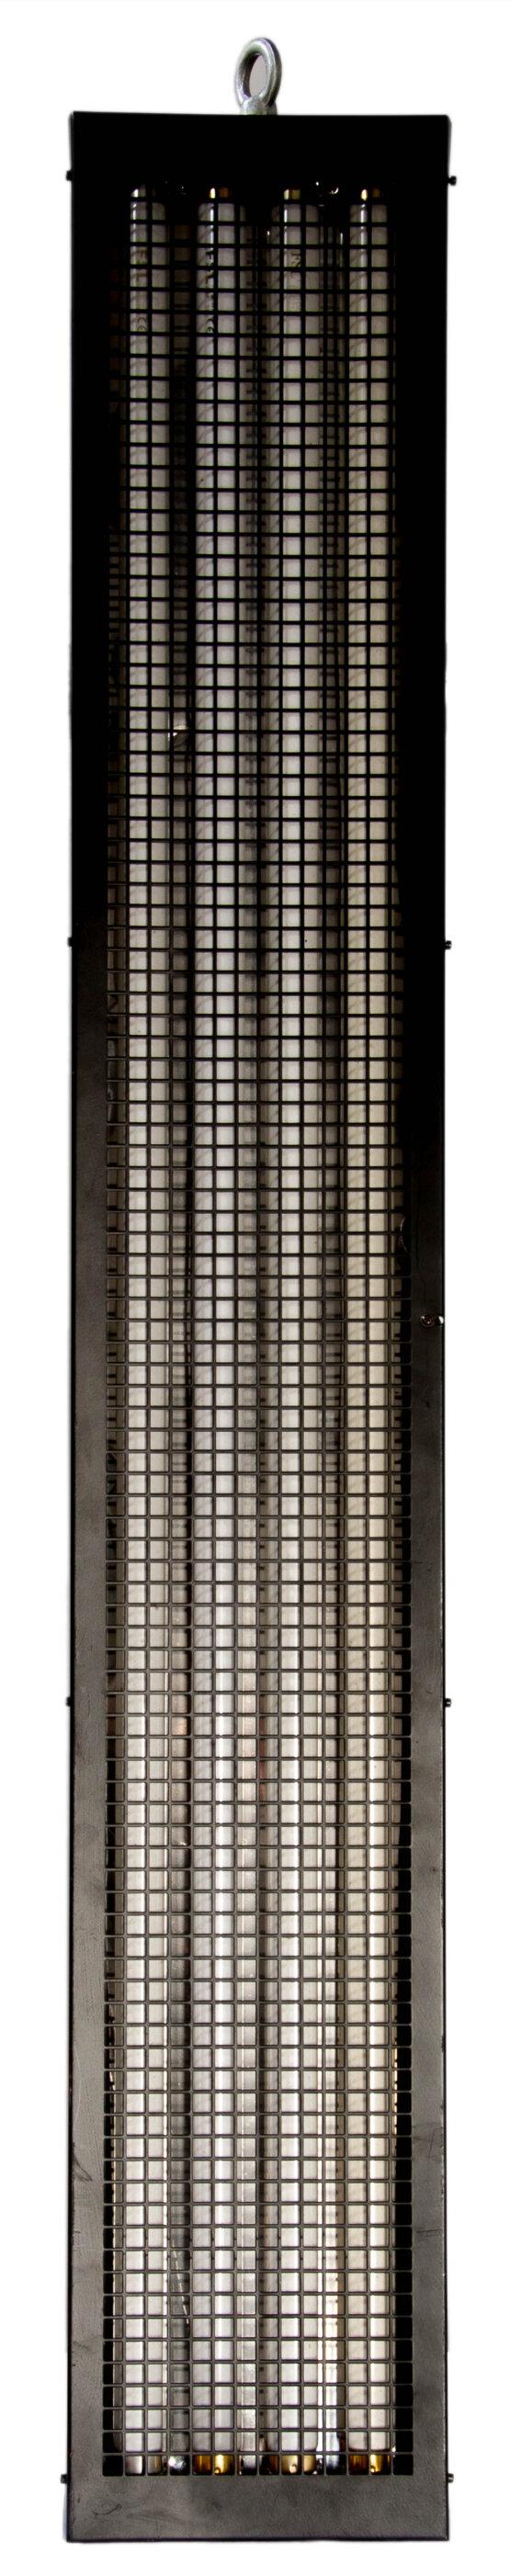 RGBW TL horizon_W3R8588